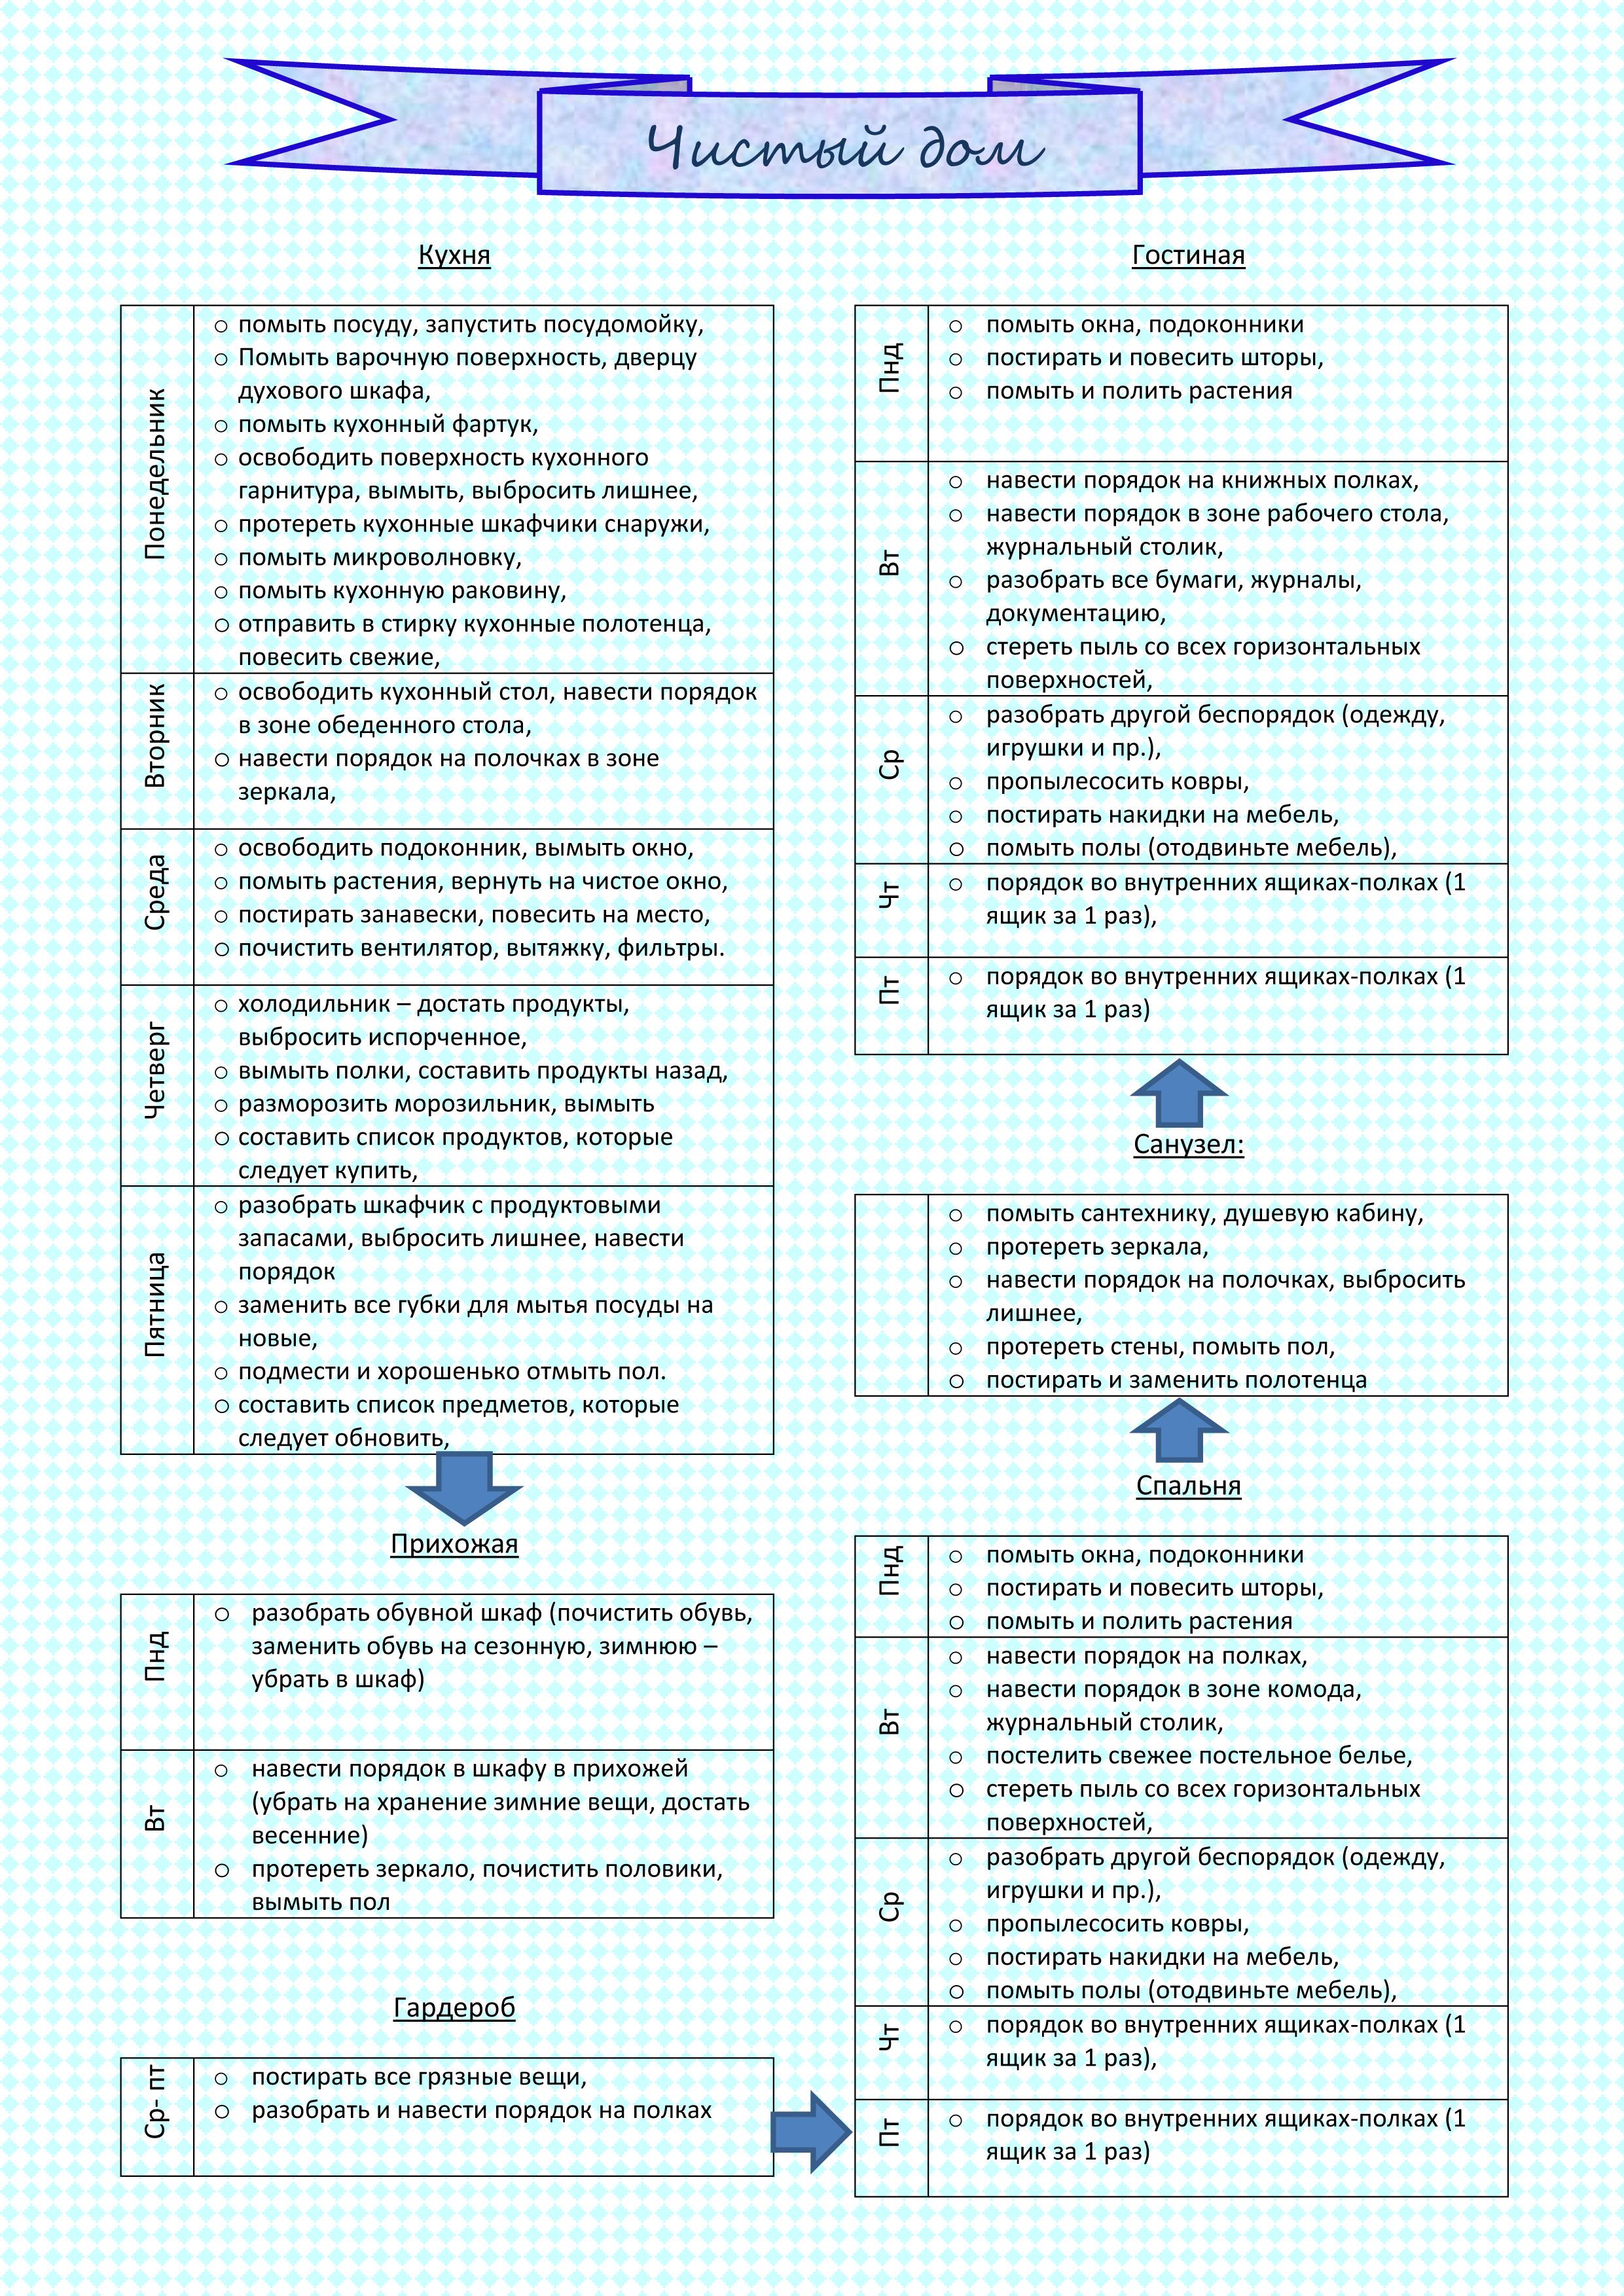 Как прописаться в квартире: порядок и документы для прописки 32